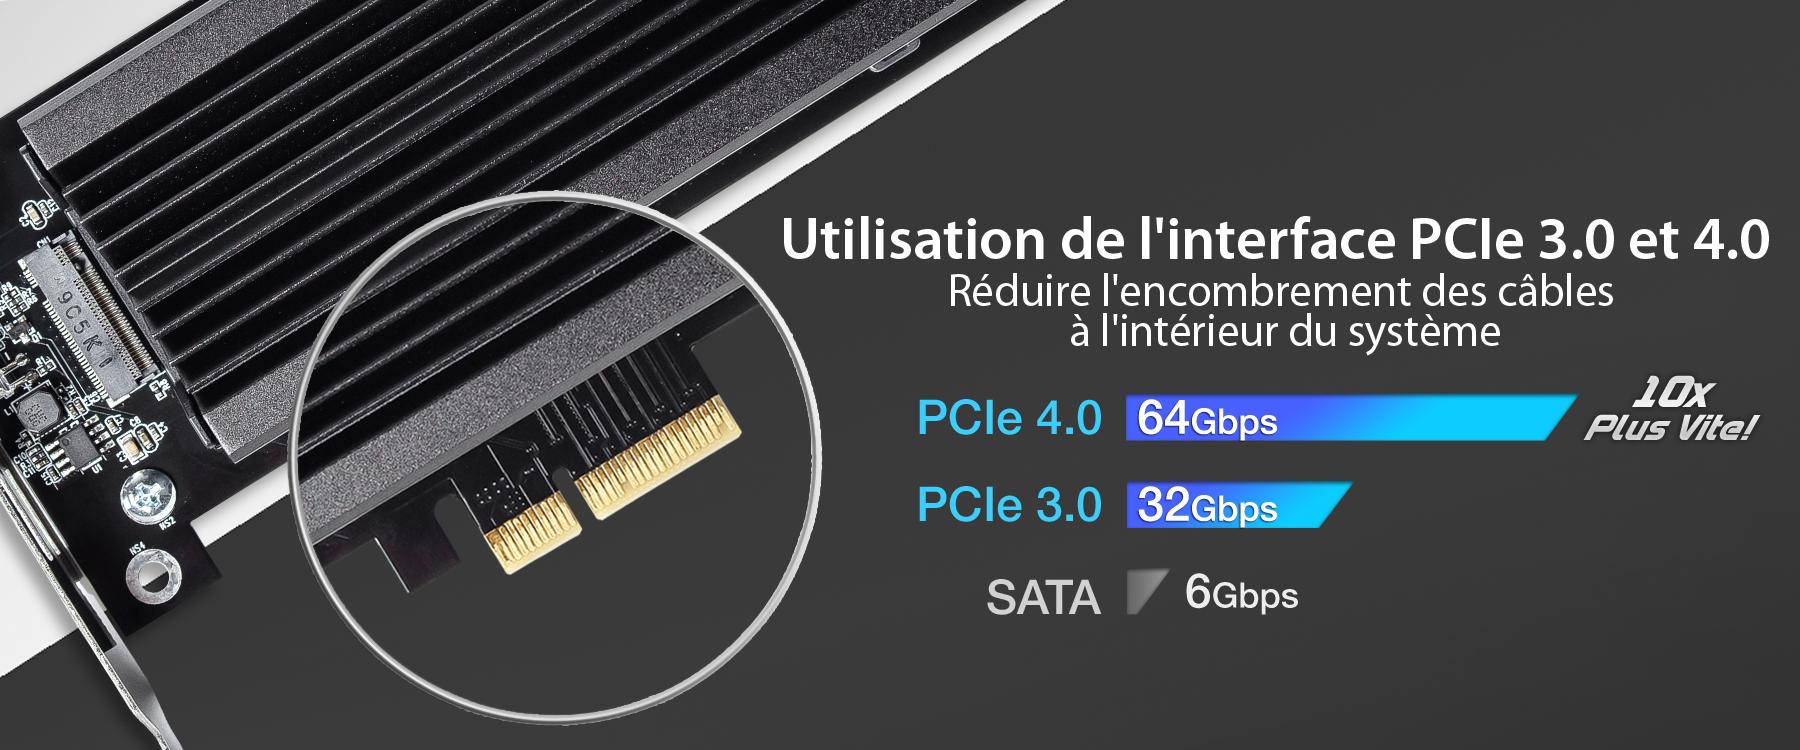 Photo de l'interface PCIe 4.0 qui permet de réduire l'encombrement des cables